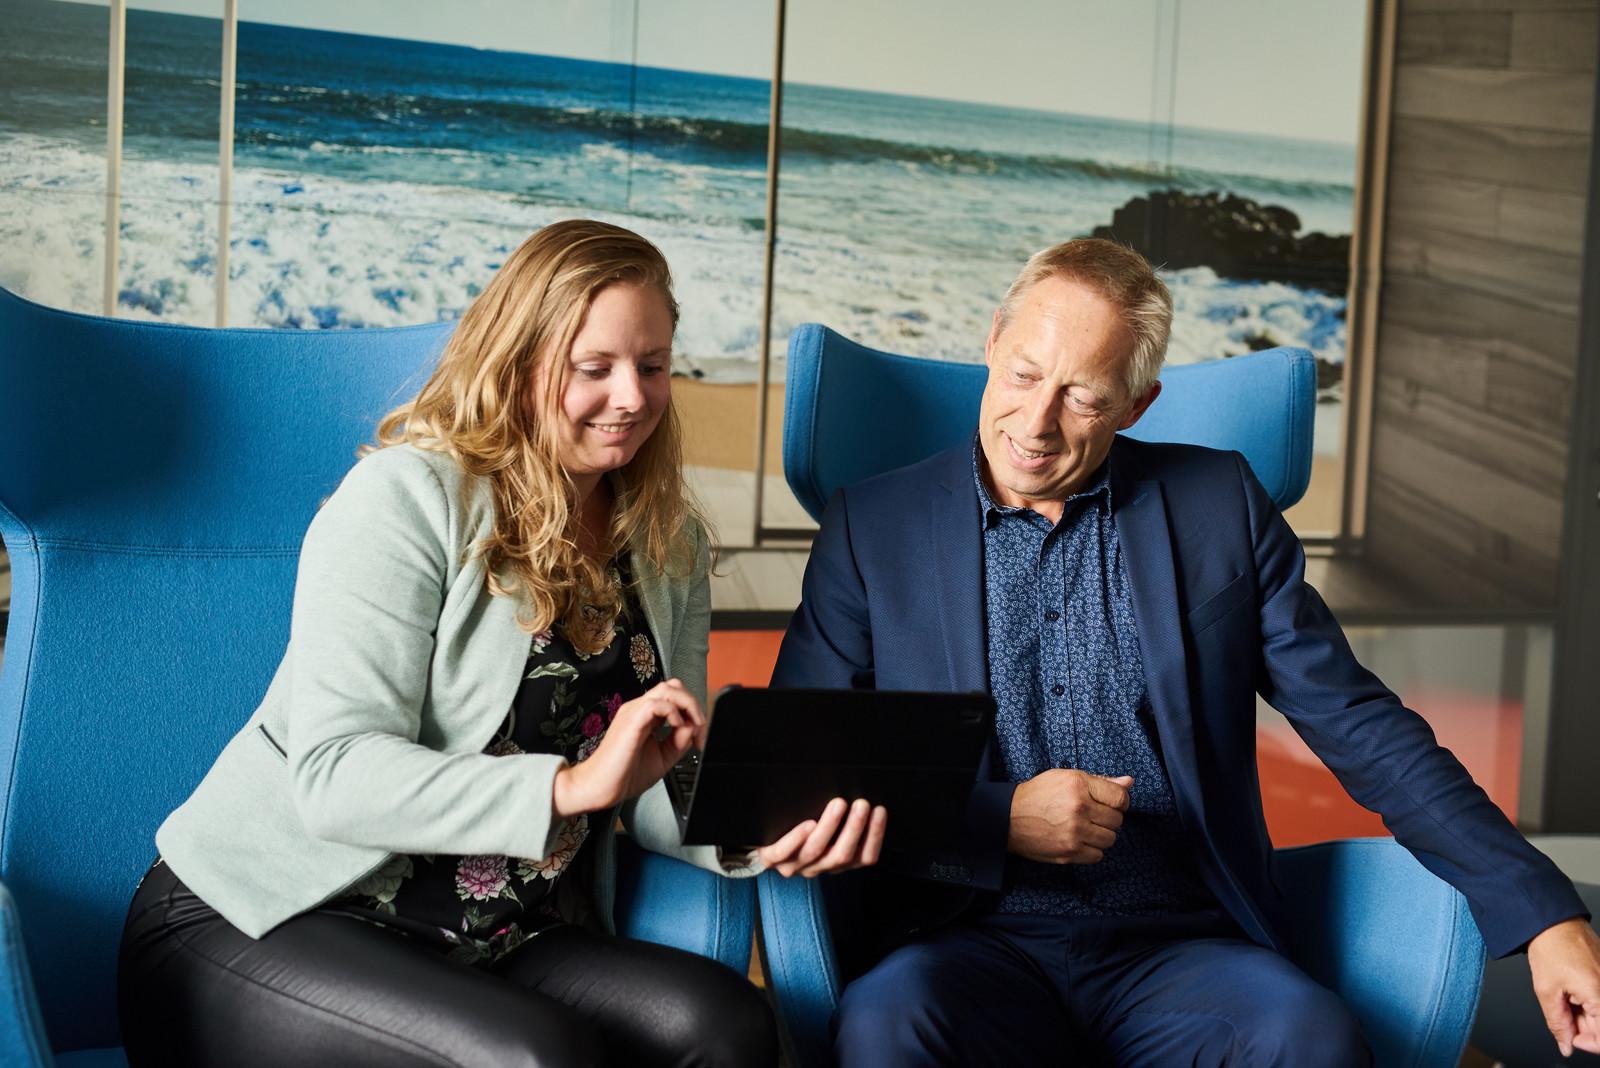 Veiligheidsregio Fryslân introduceert HR portaal voor 2000 medewerkers